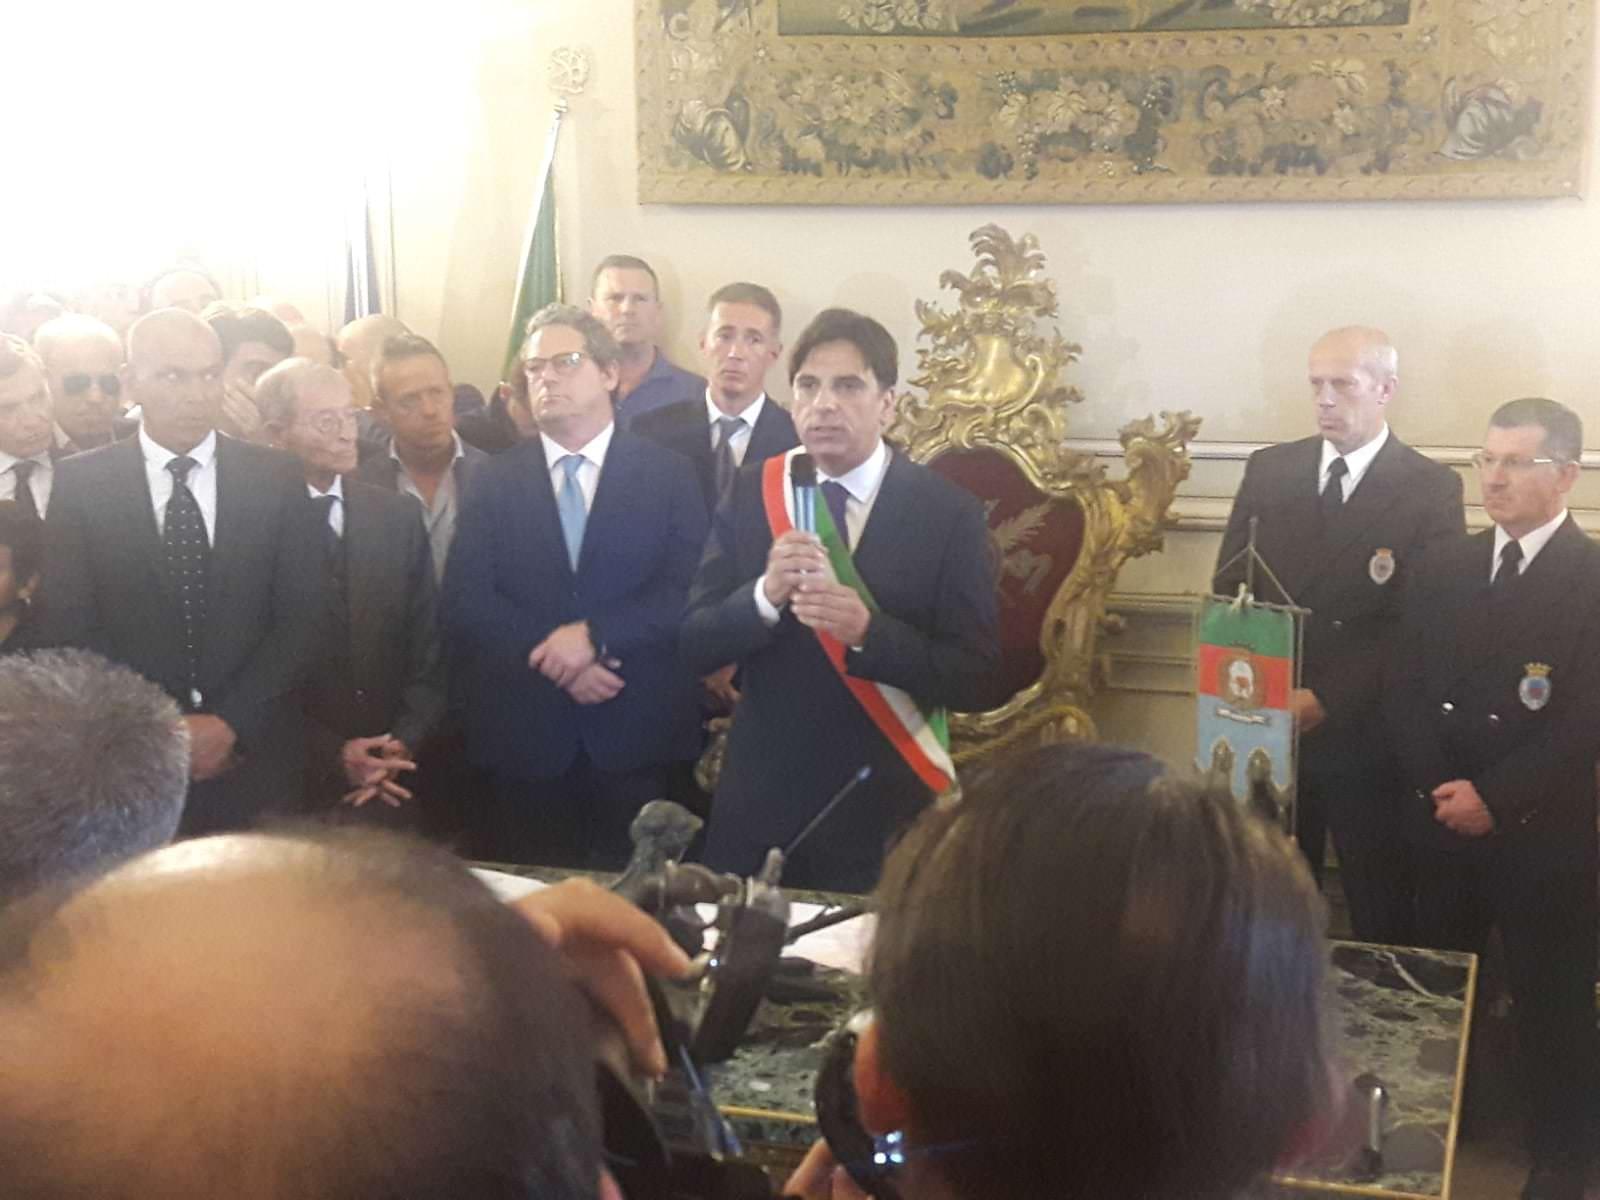 """Catania, Pogliese si insedia come sindaco: """"Basta piangerci addosso, porterò libertà in questa città"""". Micciché: """"È un fuoriclasse"""""""